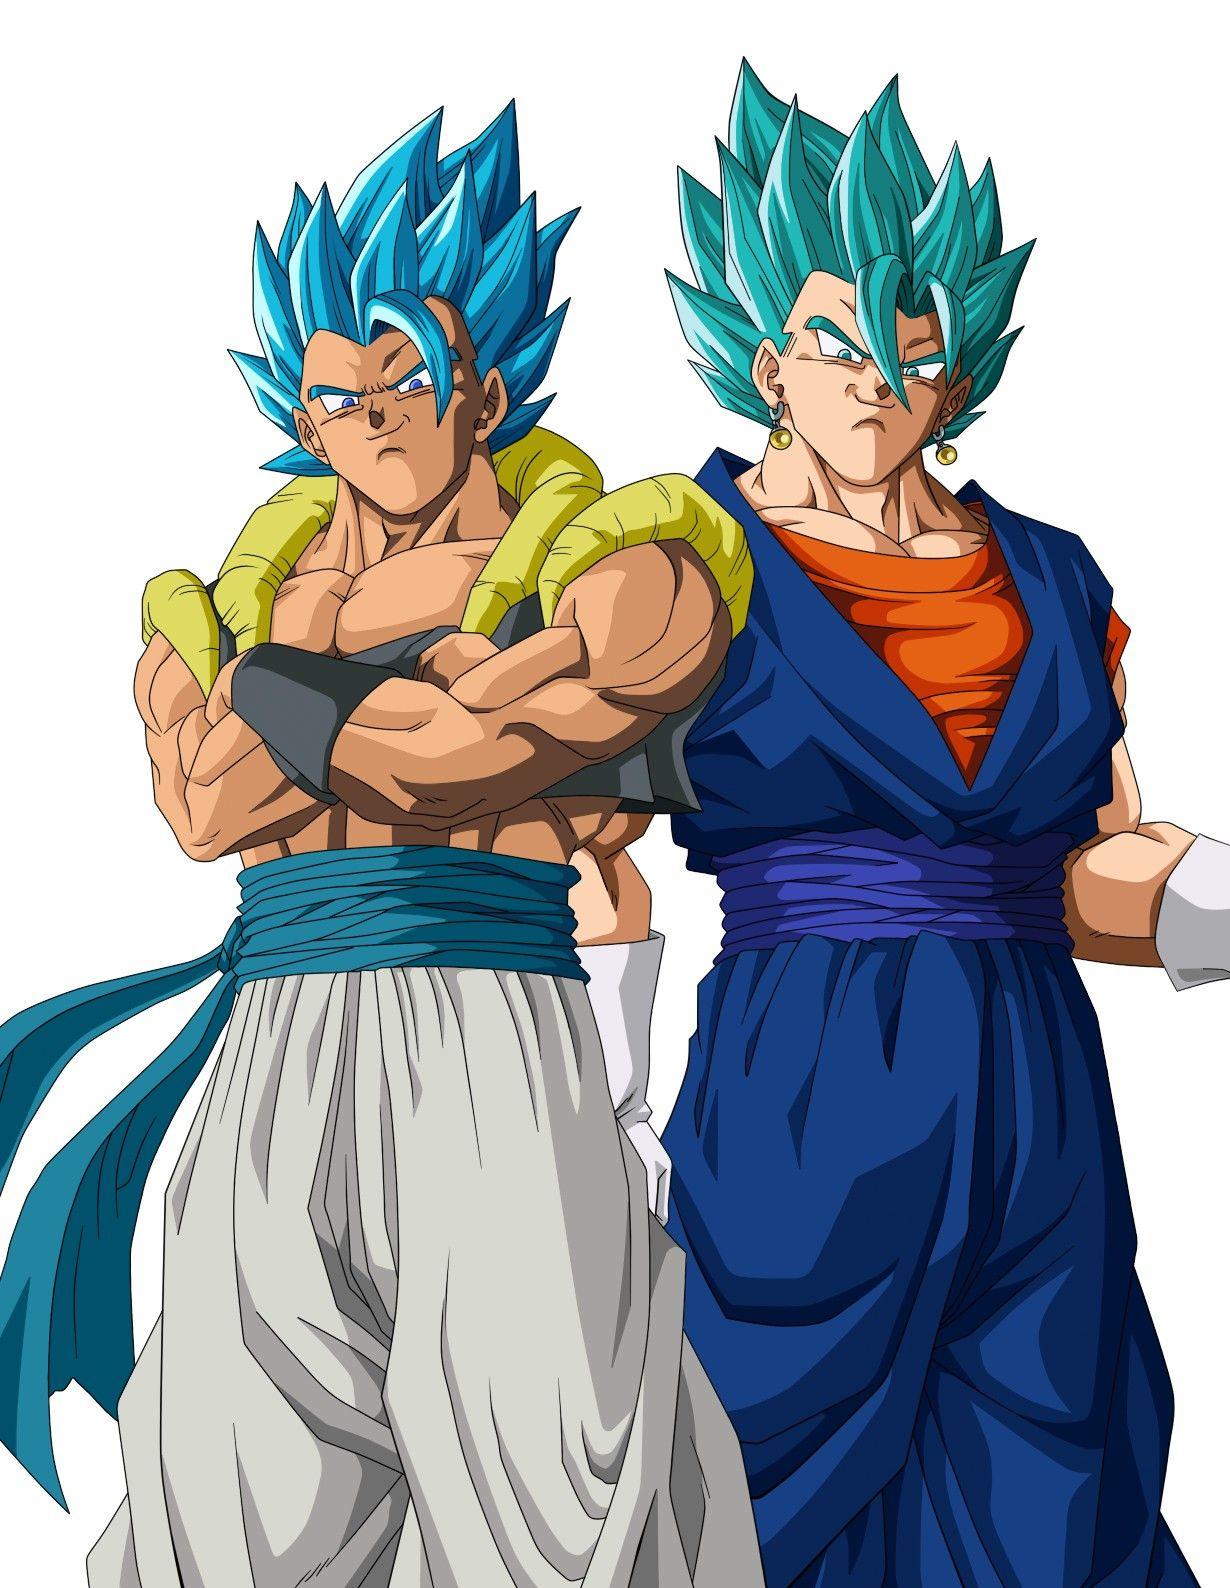 Gogeta Y Vegetto Anime Dragon Ball Super Dragon Ball Super Manga Dragon Ball Super Goku